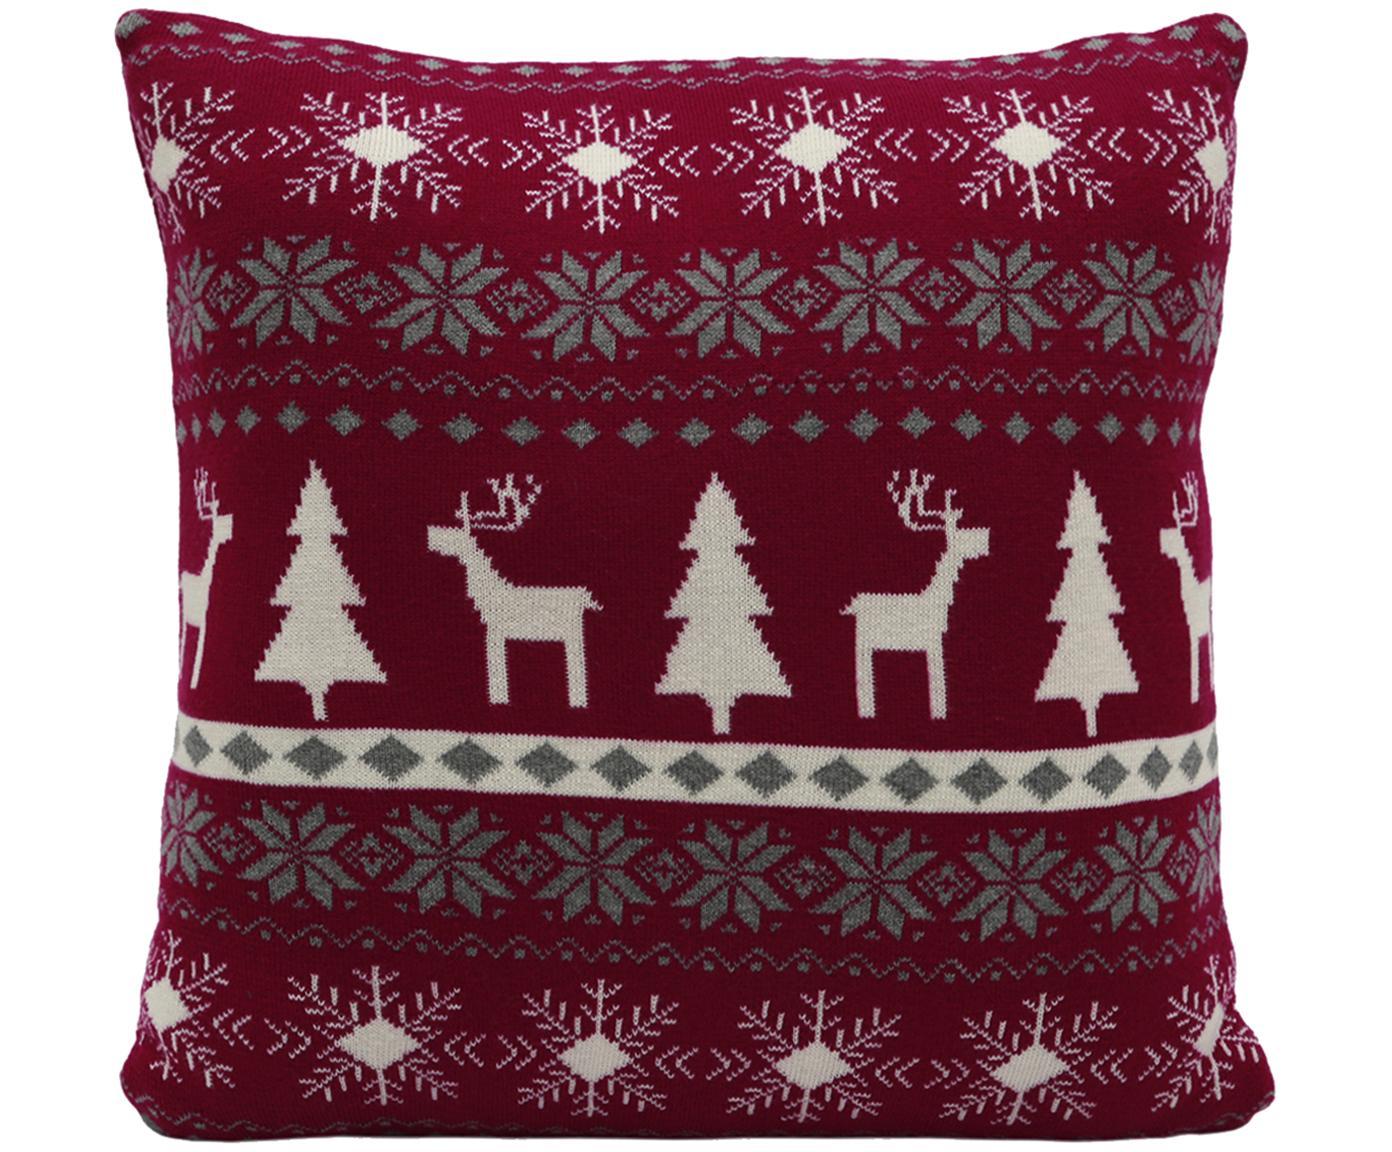 Poszewka na poduszkę z dzianiny David, 100% bawełna, Ciemny czerwony, kremowy, szary, S 40 x D 40 cm